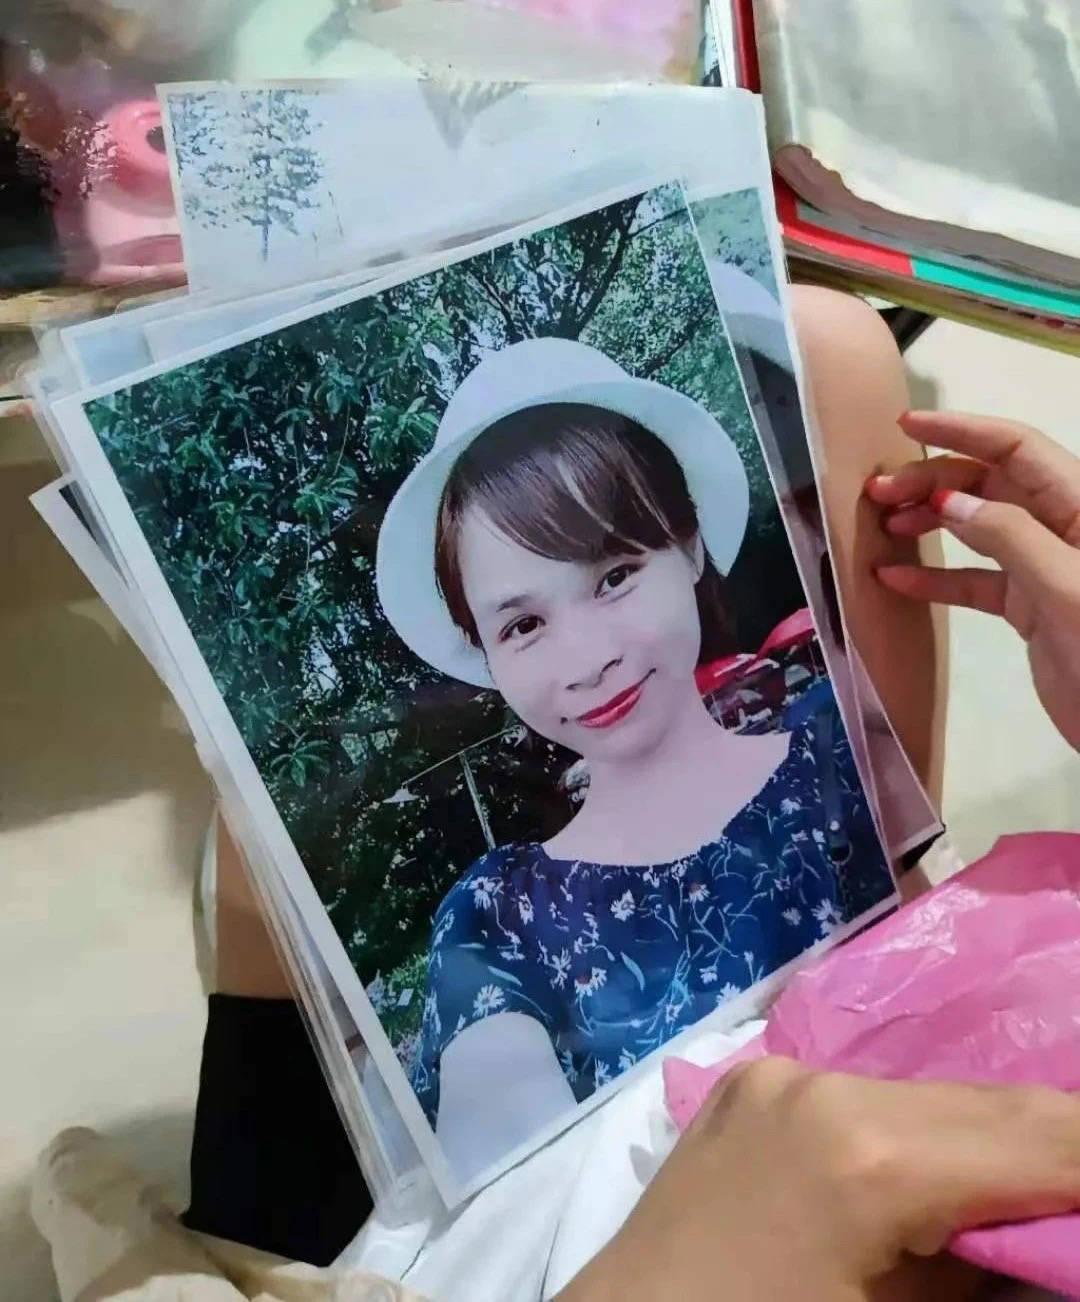 深圳一护士防疫值班时脑溢血死亡留下自闭症孩子,官方:正积极跟进